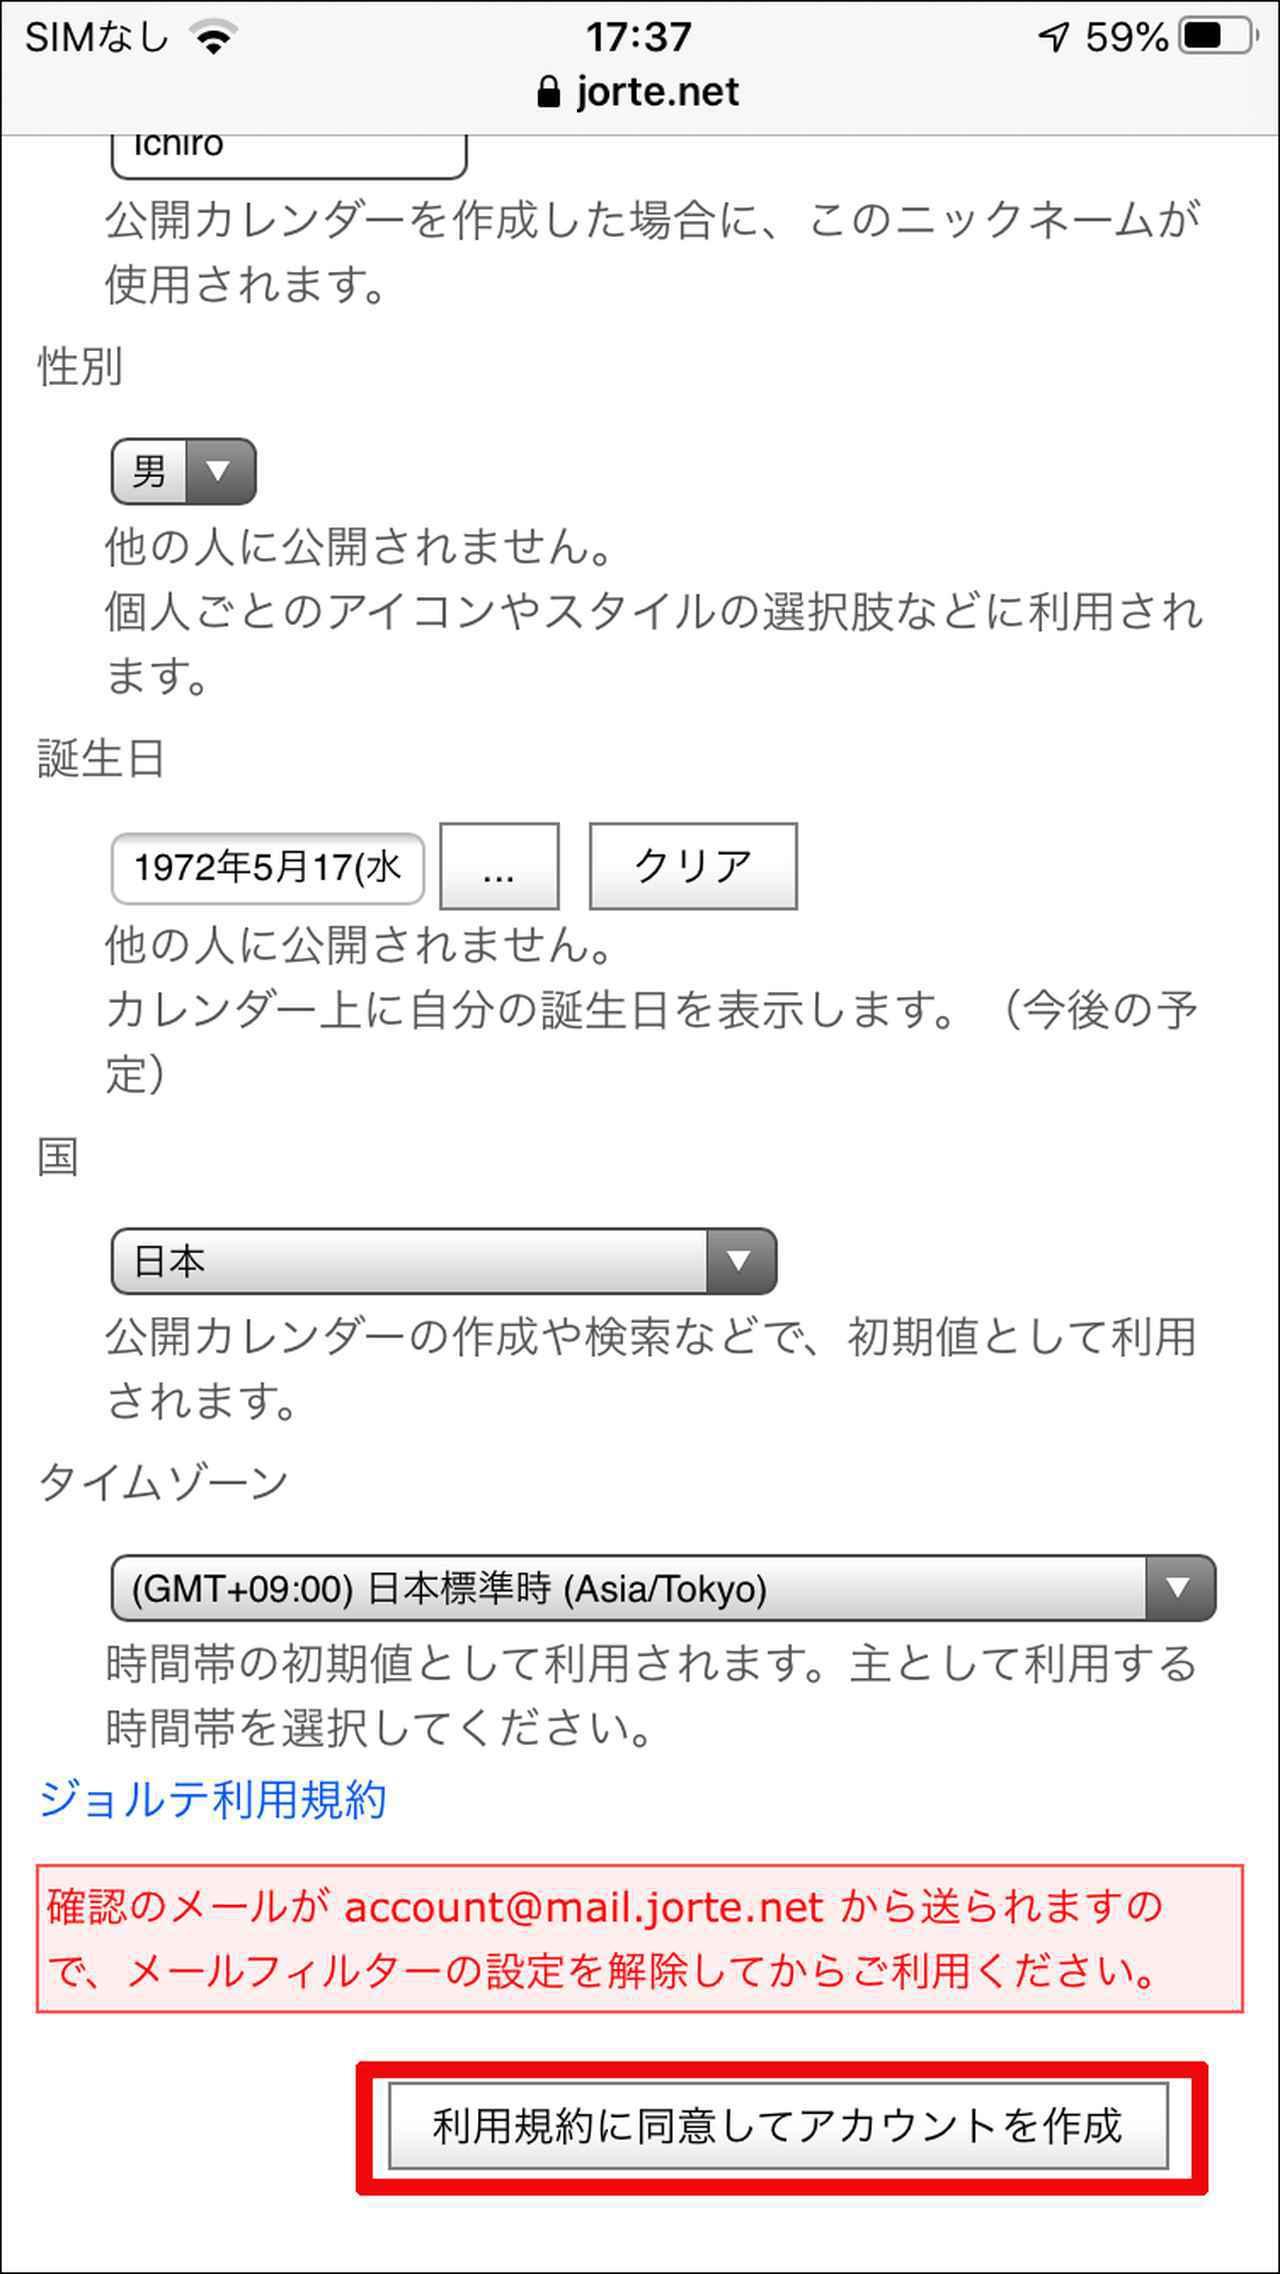 画像22: 【ジョルテクラウドとは】共有・同期など人気カレンダーアプリのワンランク上の機能を解説!